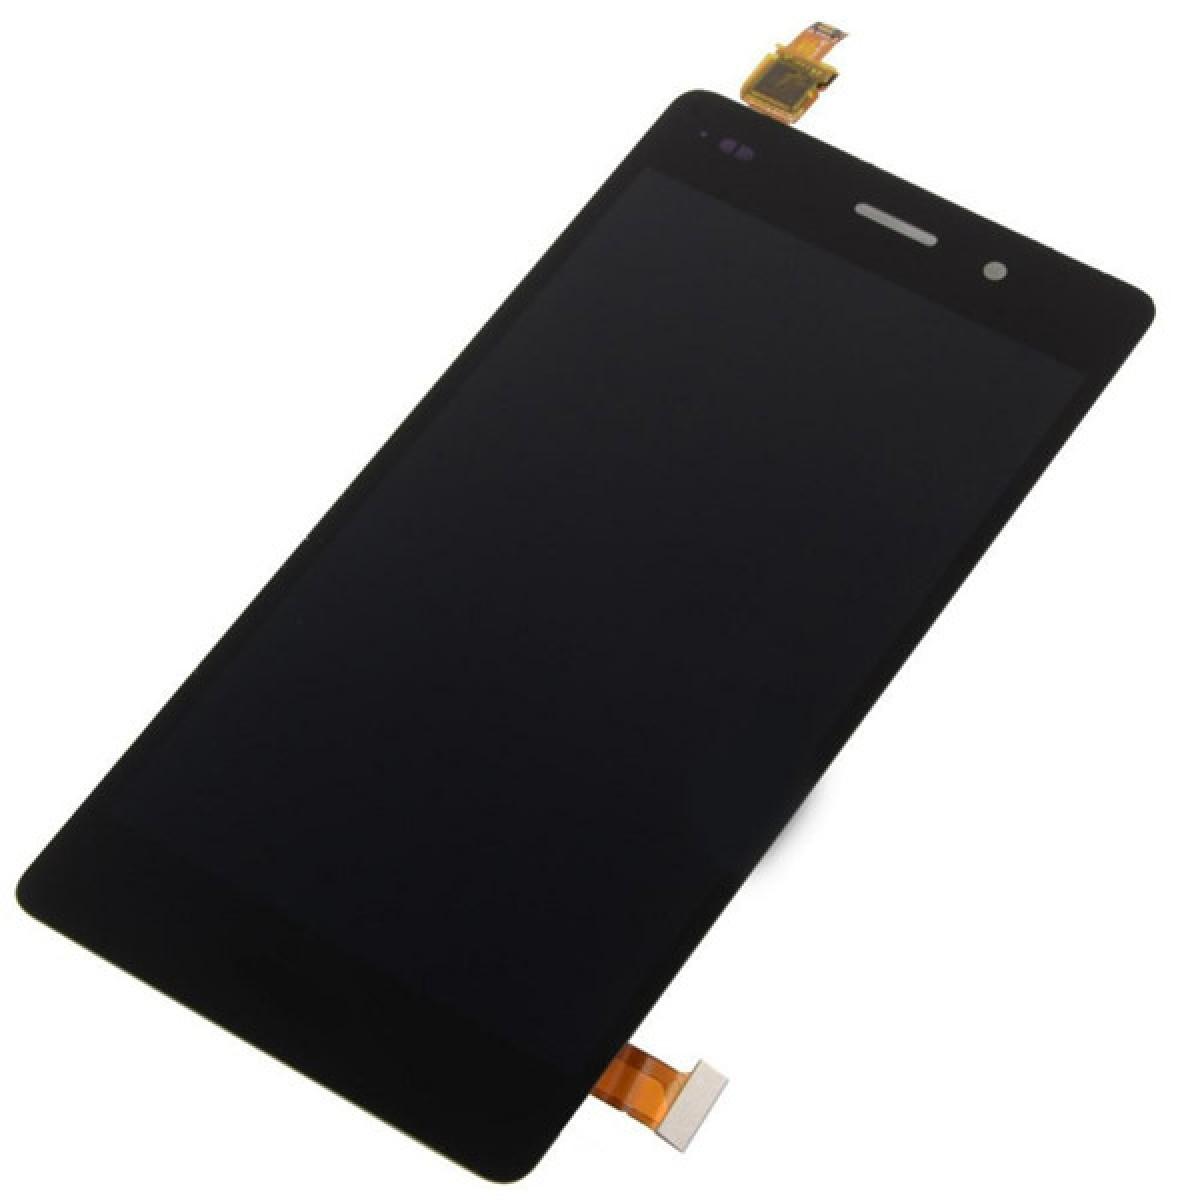 ΟΘΟΝΗ LCD ΓΙΑ HUAWEI P8 LITE BLACK